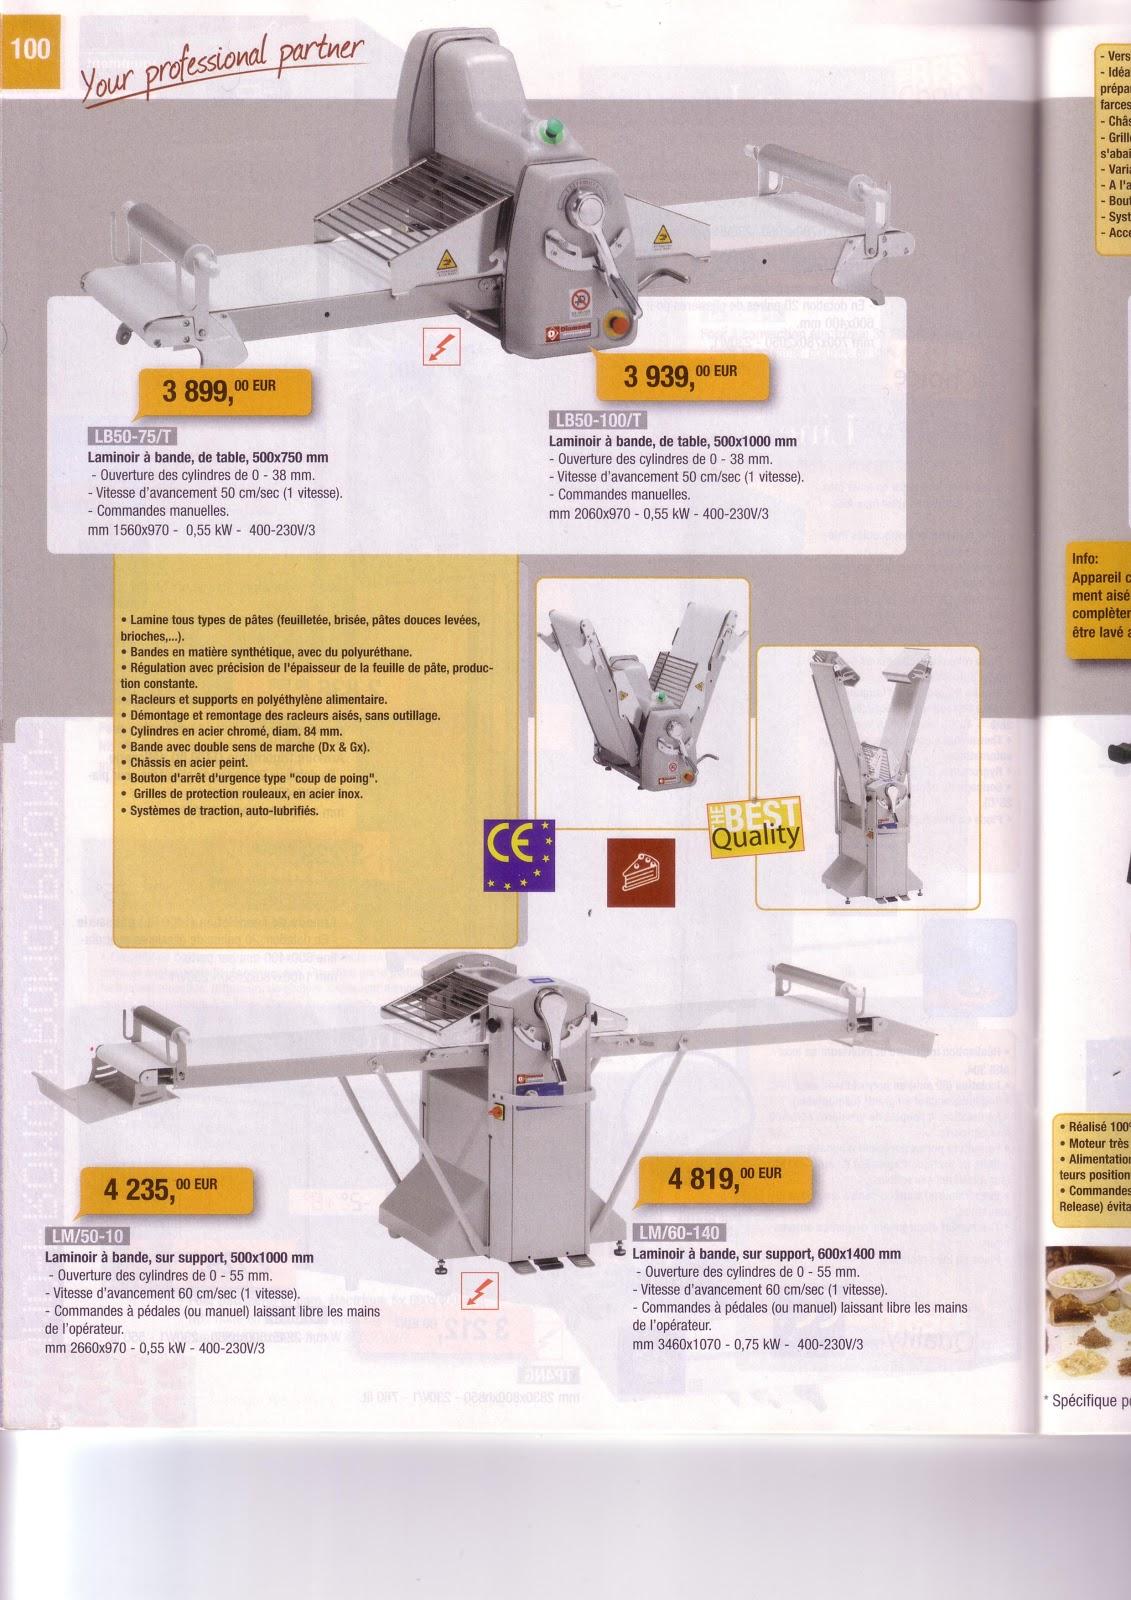 Laminoir bande 3899 batteur 20 litres 2979 batteur for Fournisseur materiel patisserie